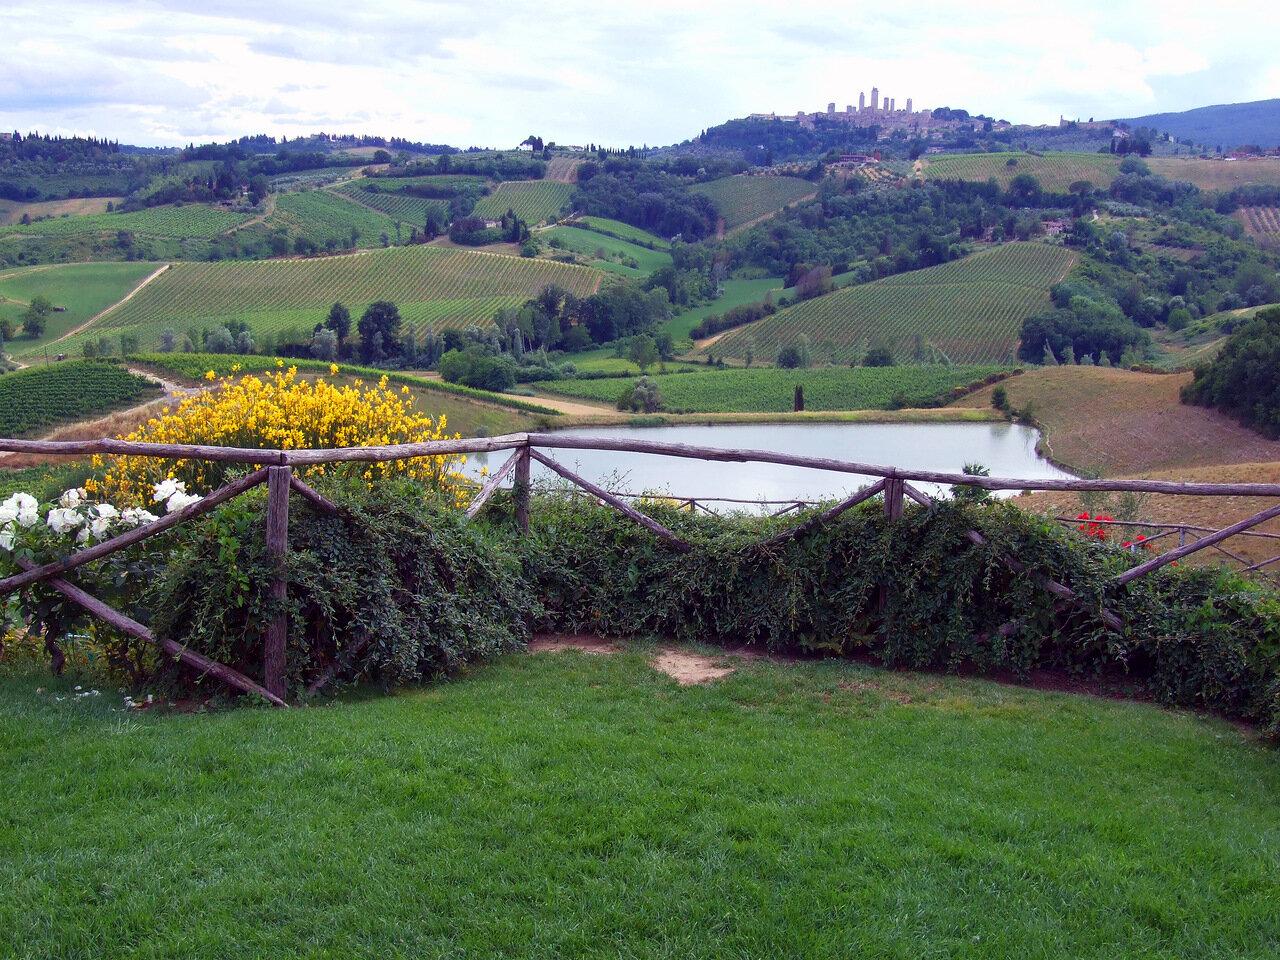 Окрестности винодельни Poggio Alloro. На заднем плане город Сан-Джиминьяно (San Gimignano)